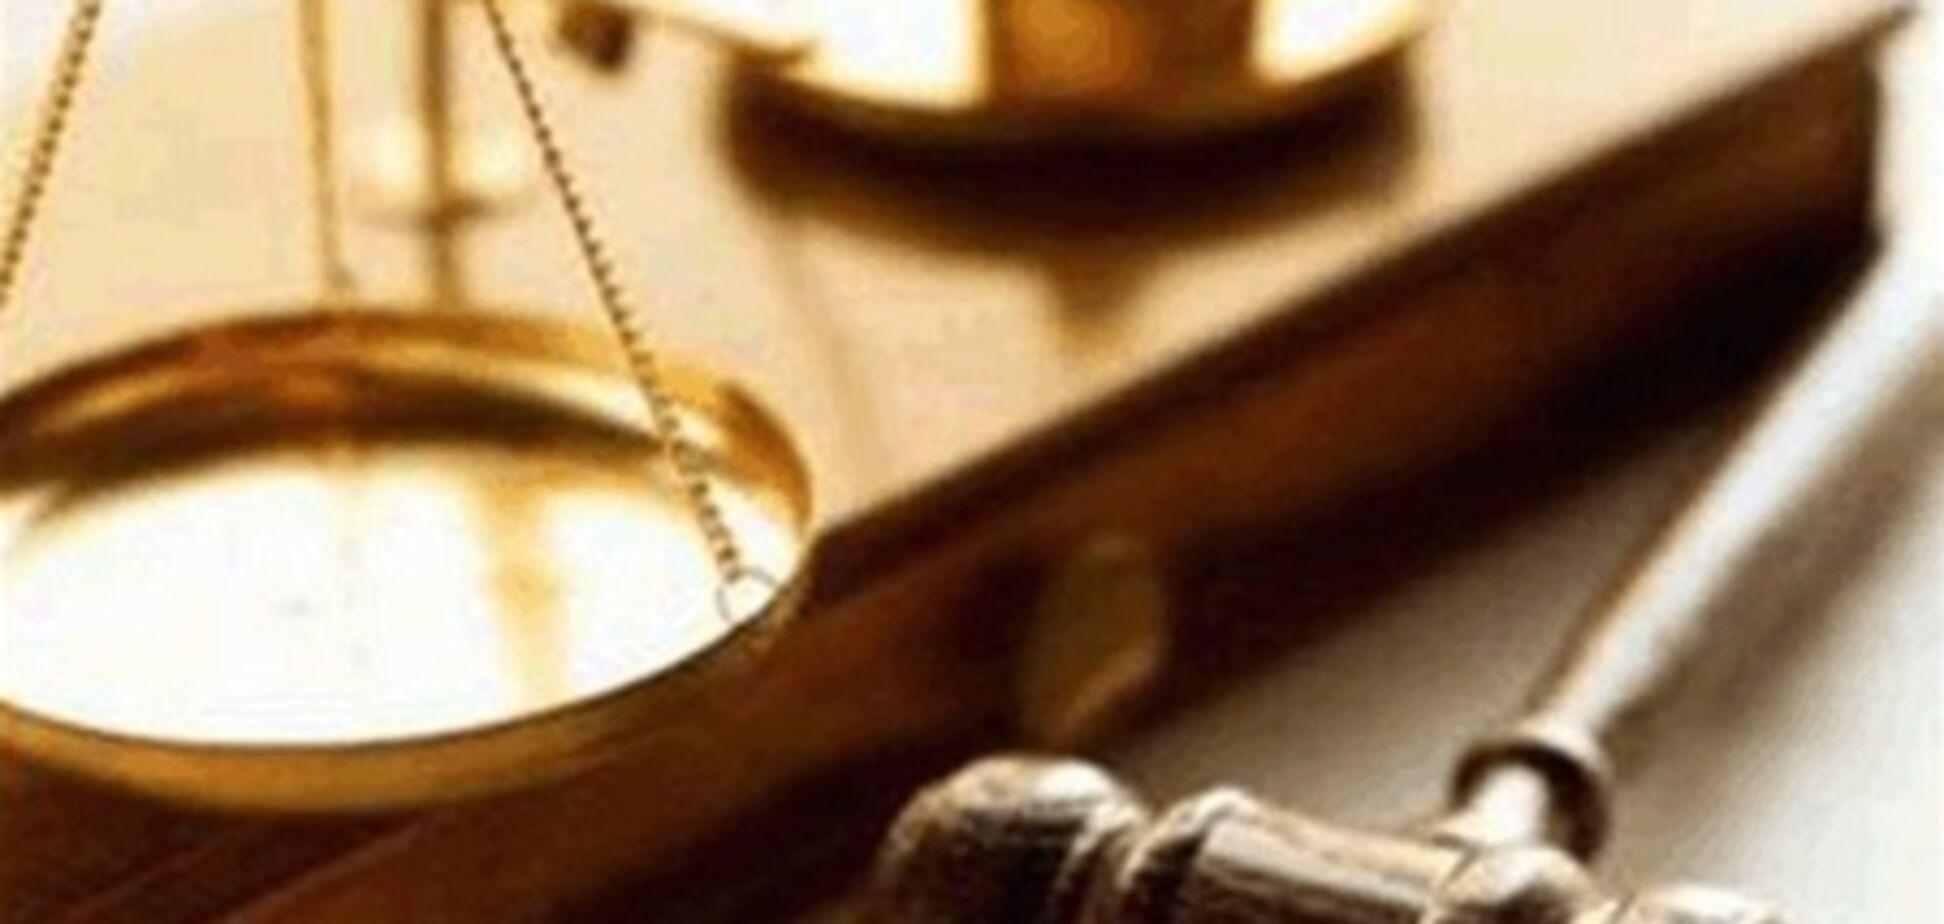 МВД: в этом году к ответственности привлекаются уже шесть судей